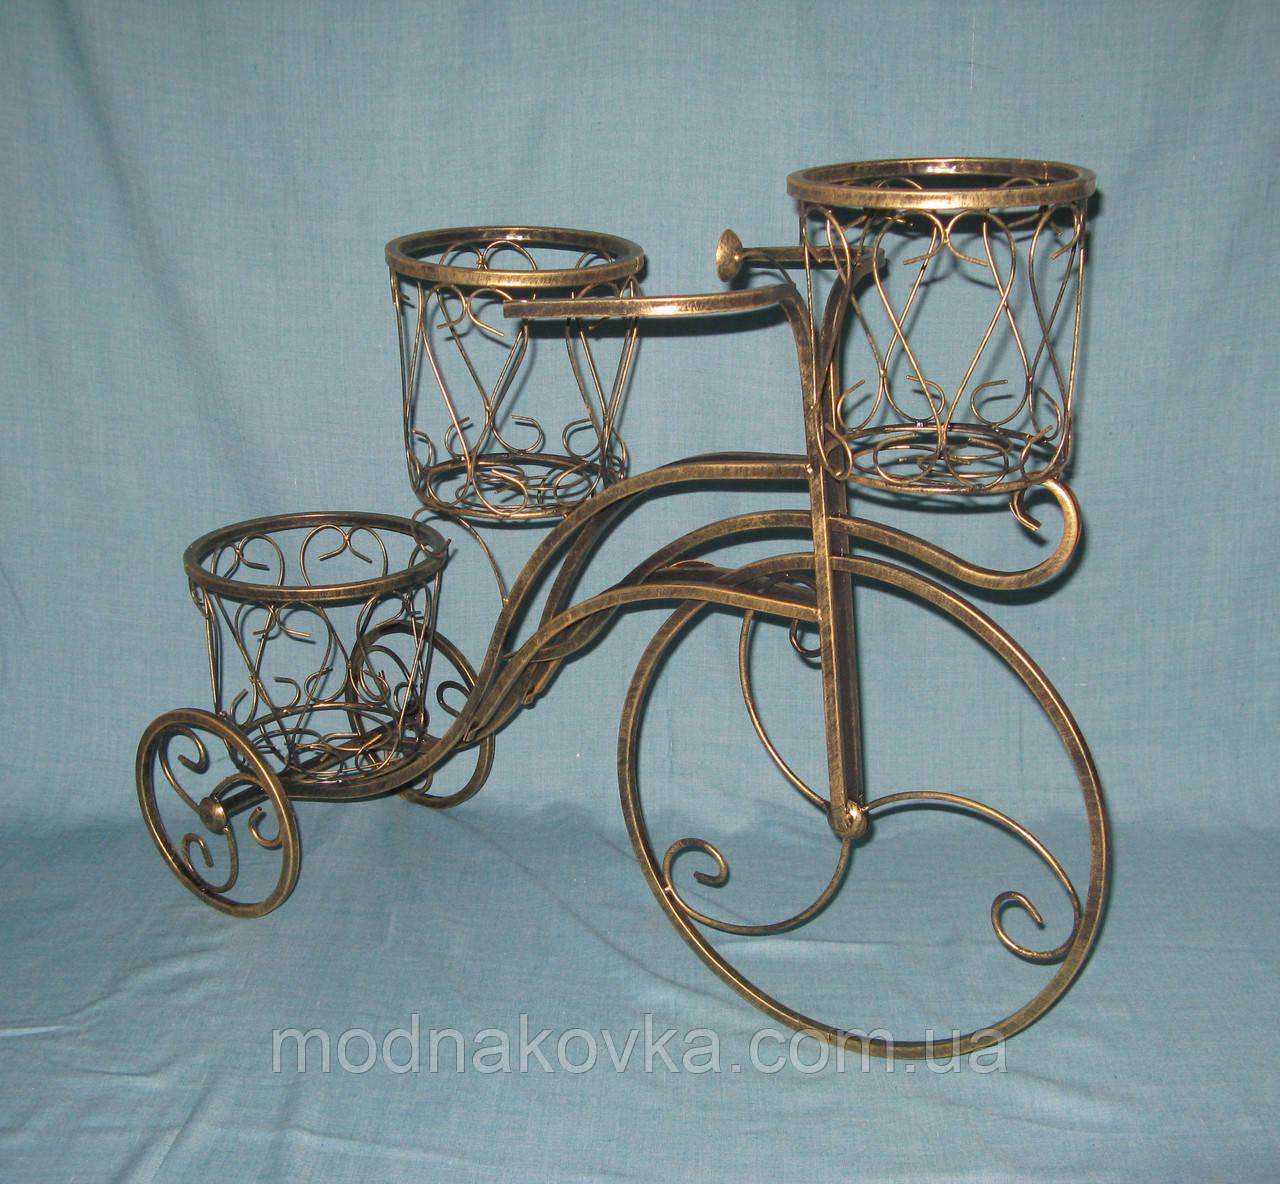 Кованая подставка для цветов Велосипед 3 высокий средний, черный с золотом